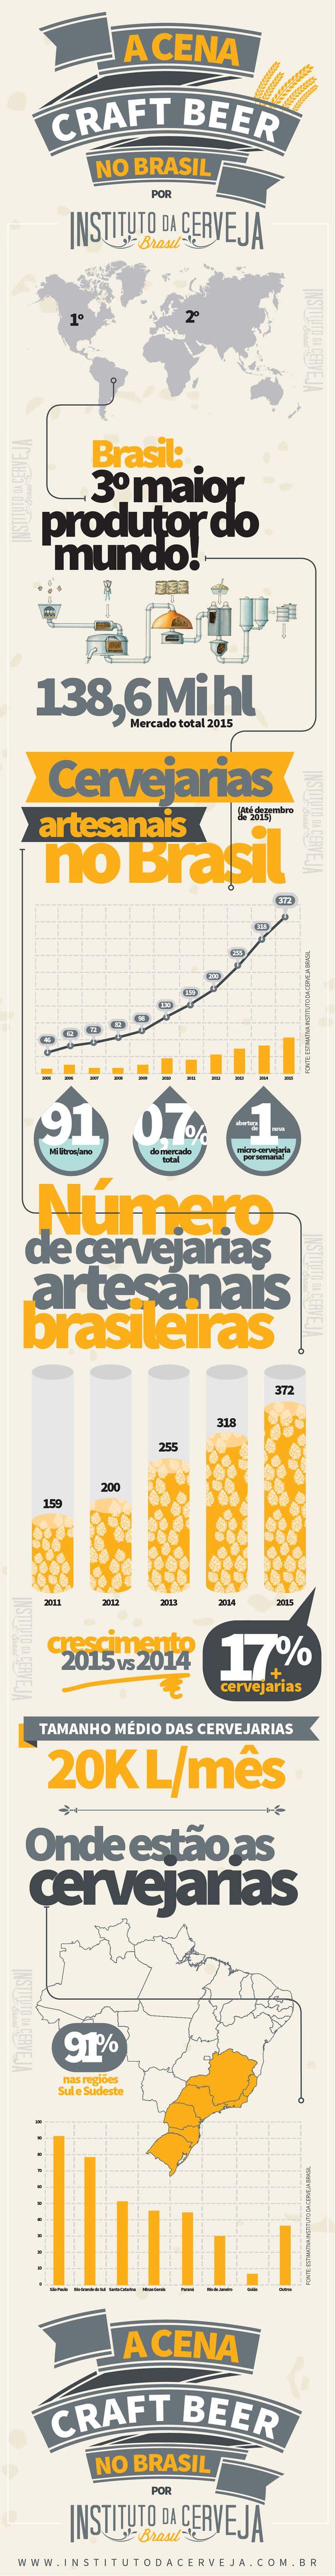 Infográfico - Mercado Brasileiro de Cervejarias Artesanais | Notícias dez/2016 | Instituto da Cerveja Brasil